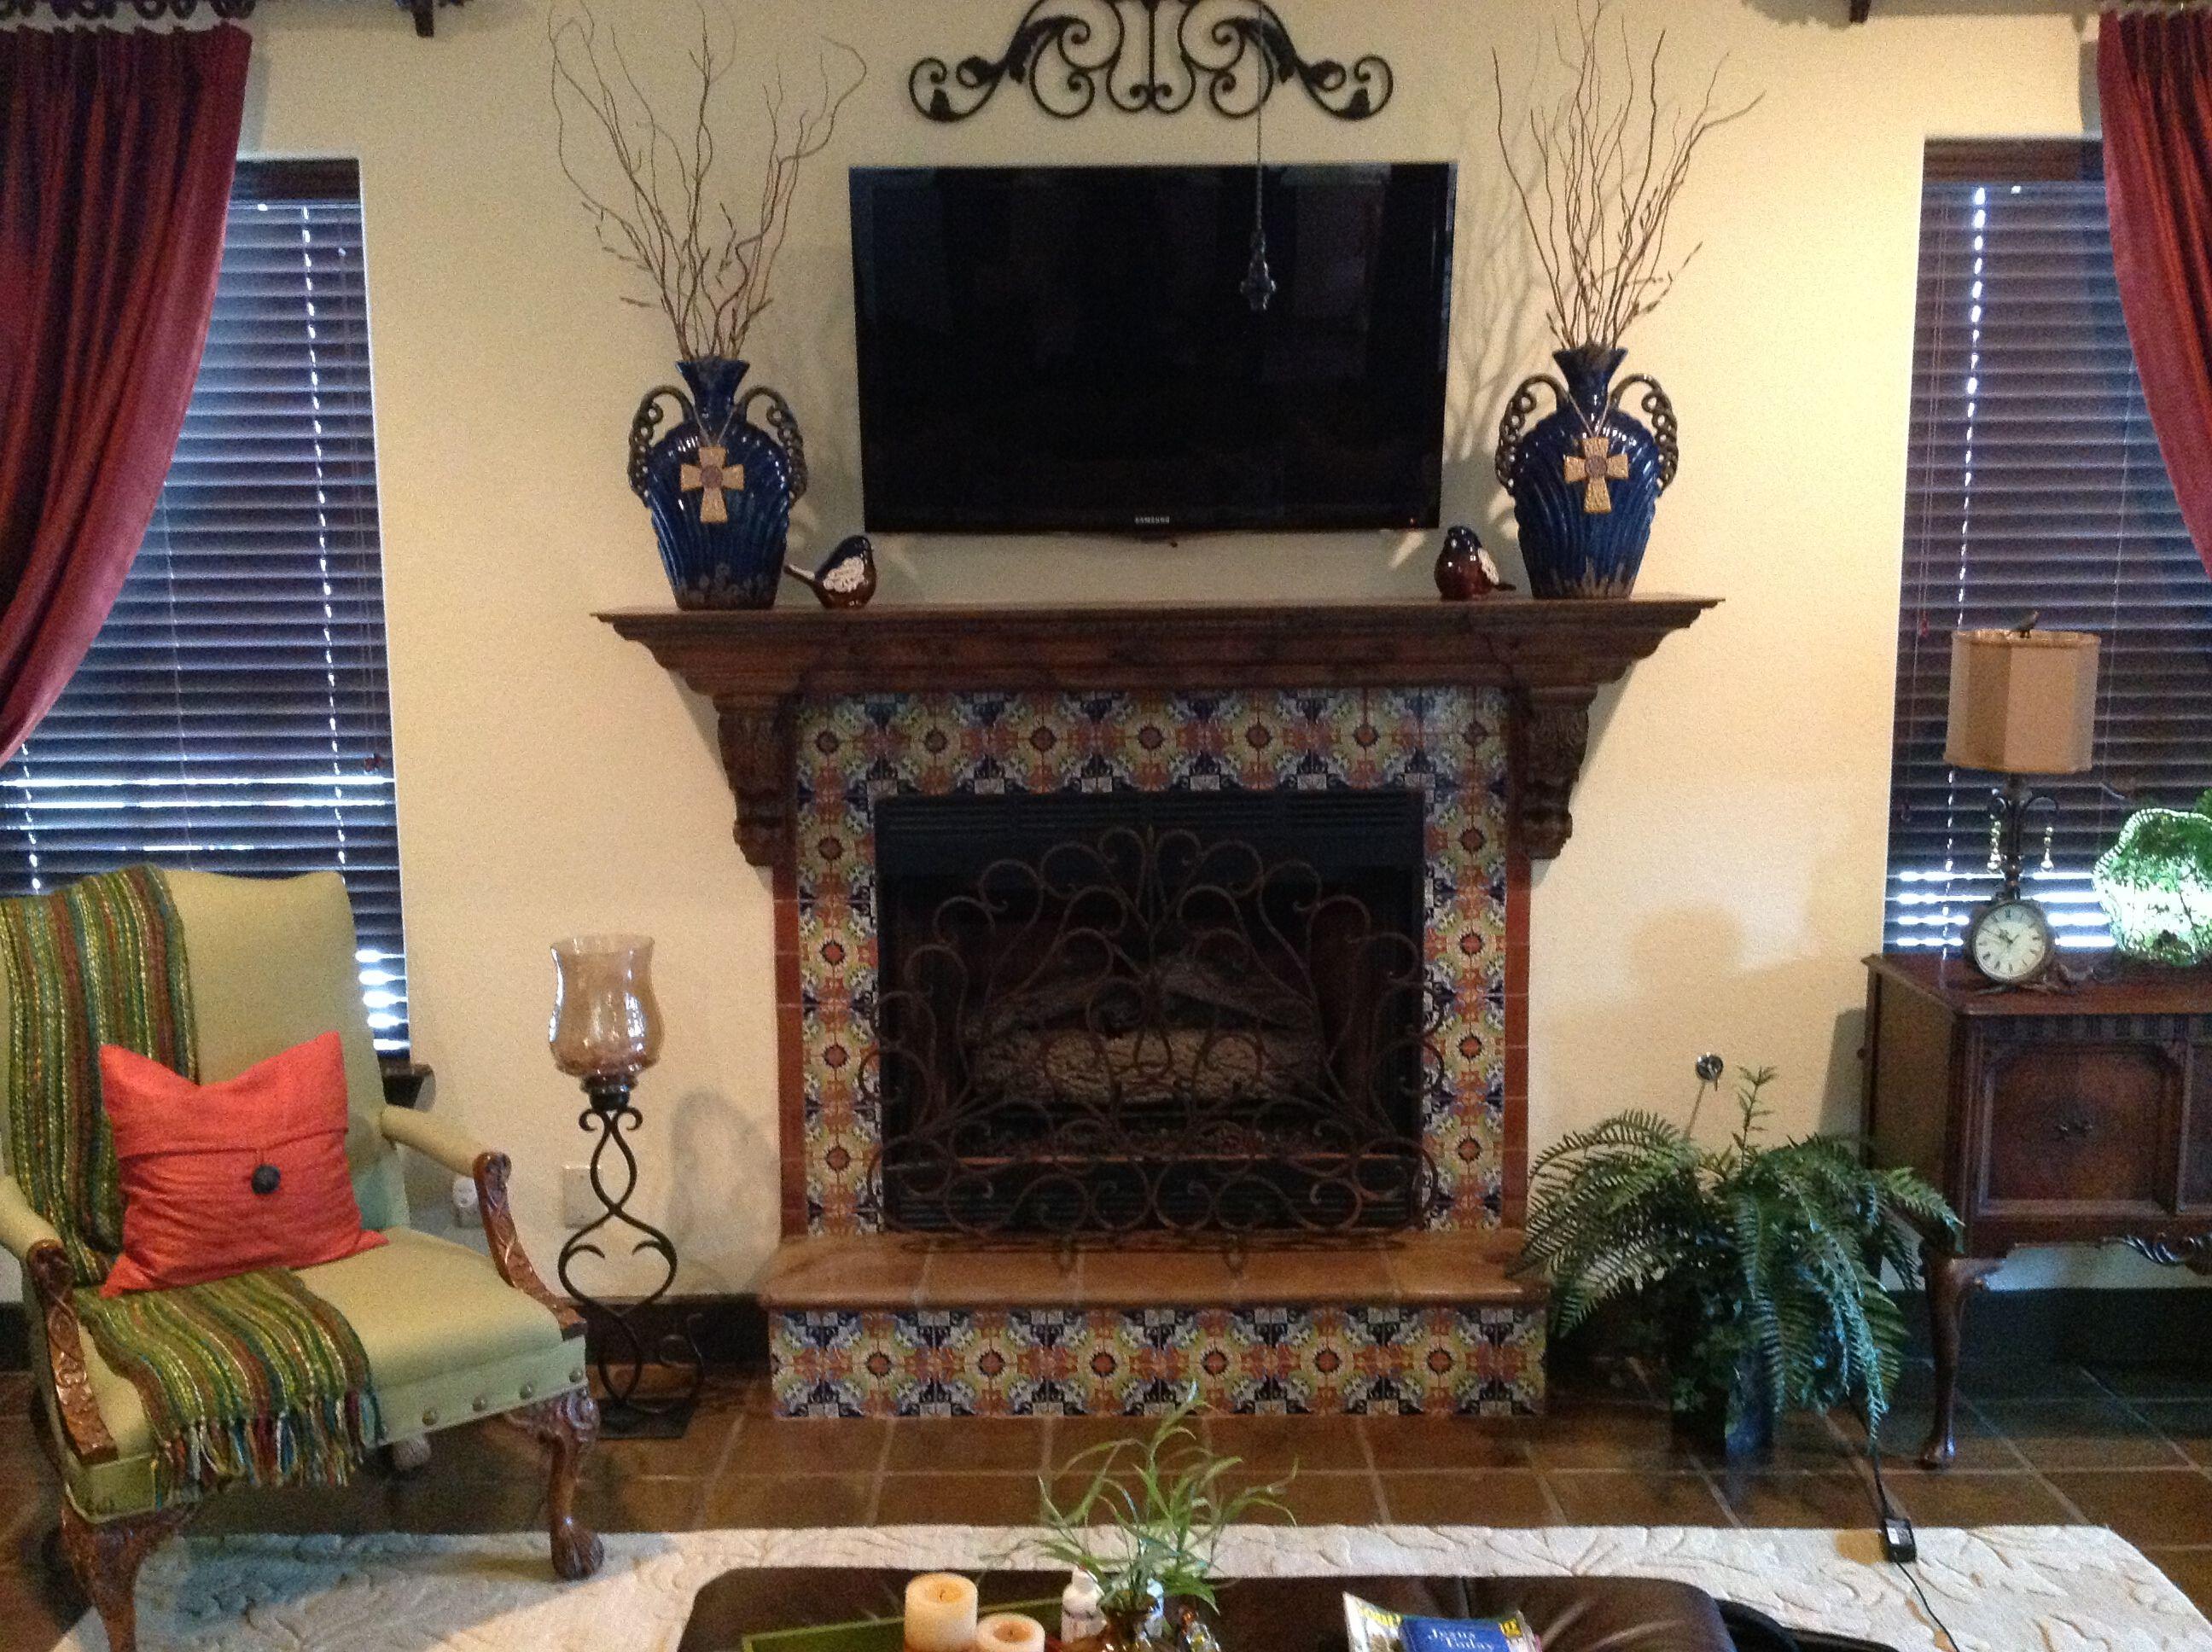 Talavera Surround On Fireplace Tile Ideas Pinterest Tiled Fireplace Tile Ideas And